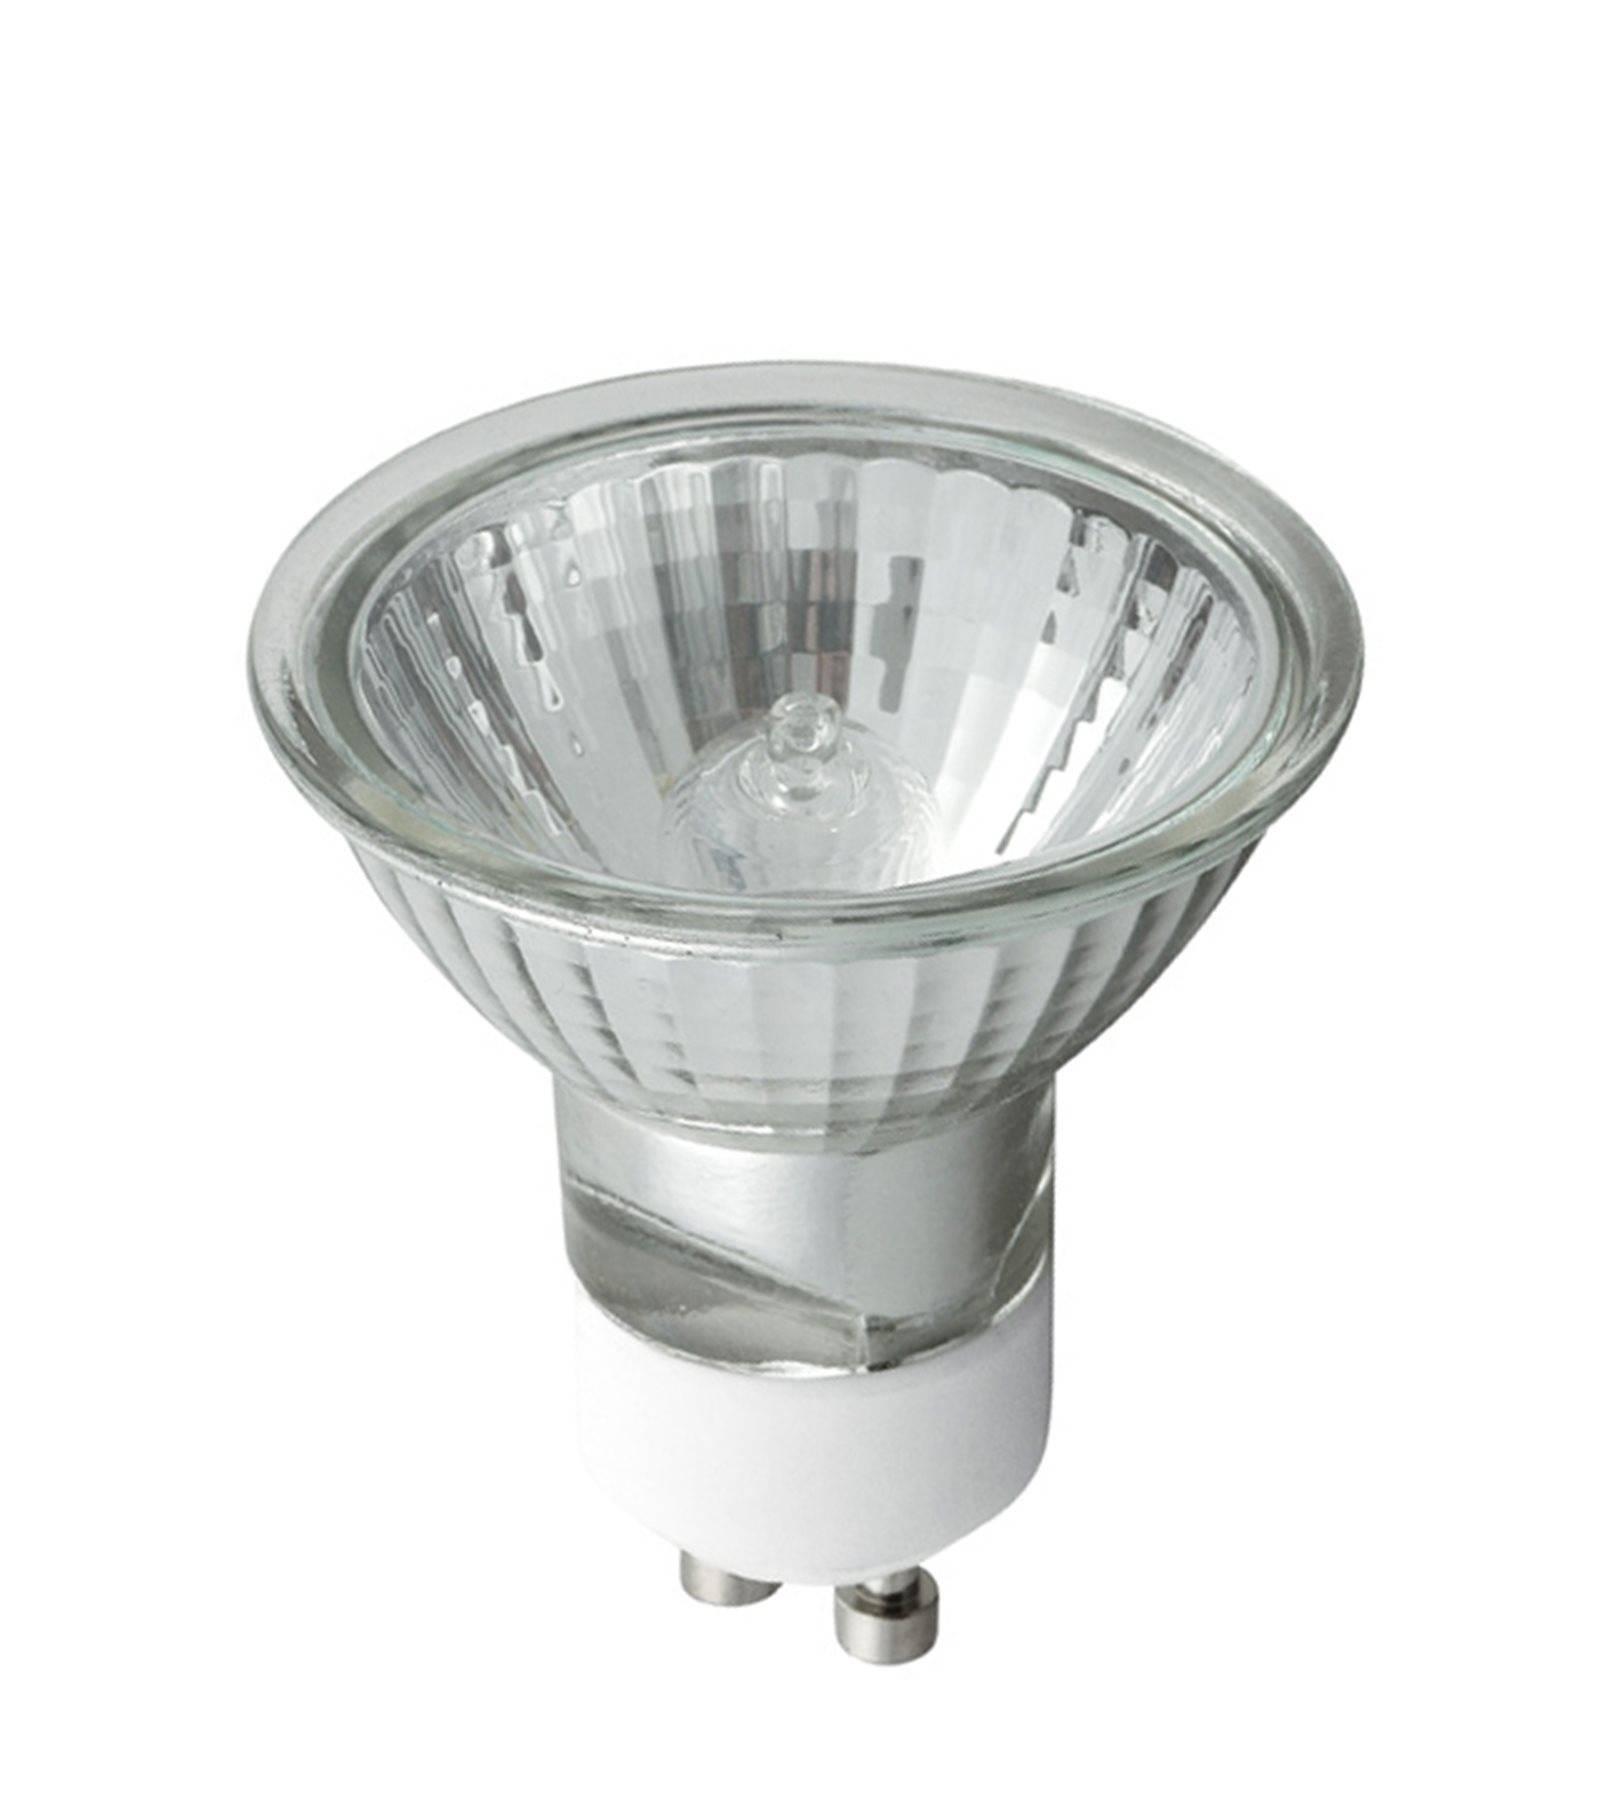 Ampoule Halog Ne Gu10 50w 350lm Blanc Chaud 60 Kanlux Ampoule